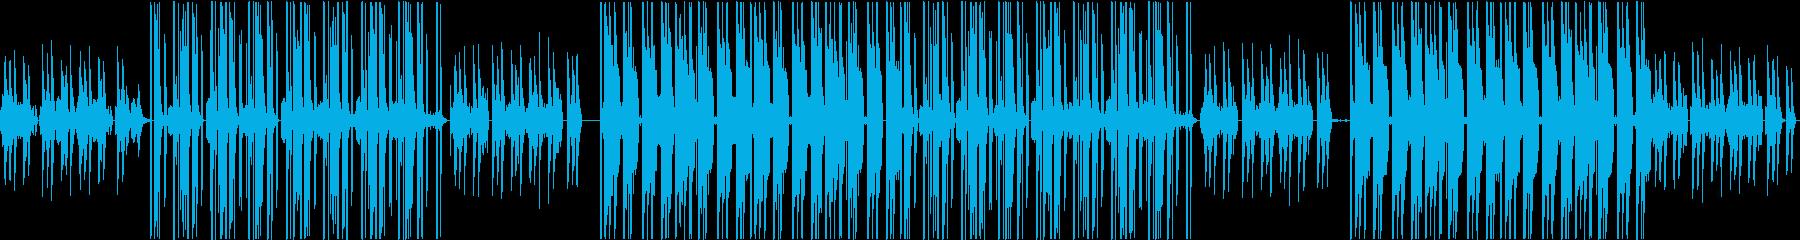 軽快なピアノが印象的な可愛いビートの再生済みの波形